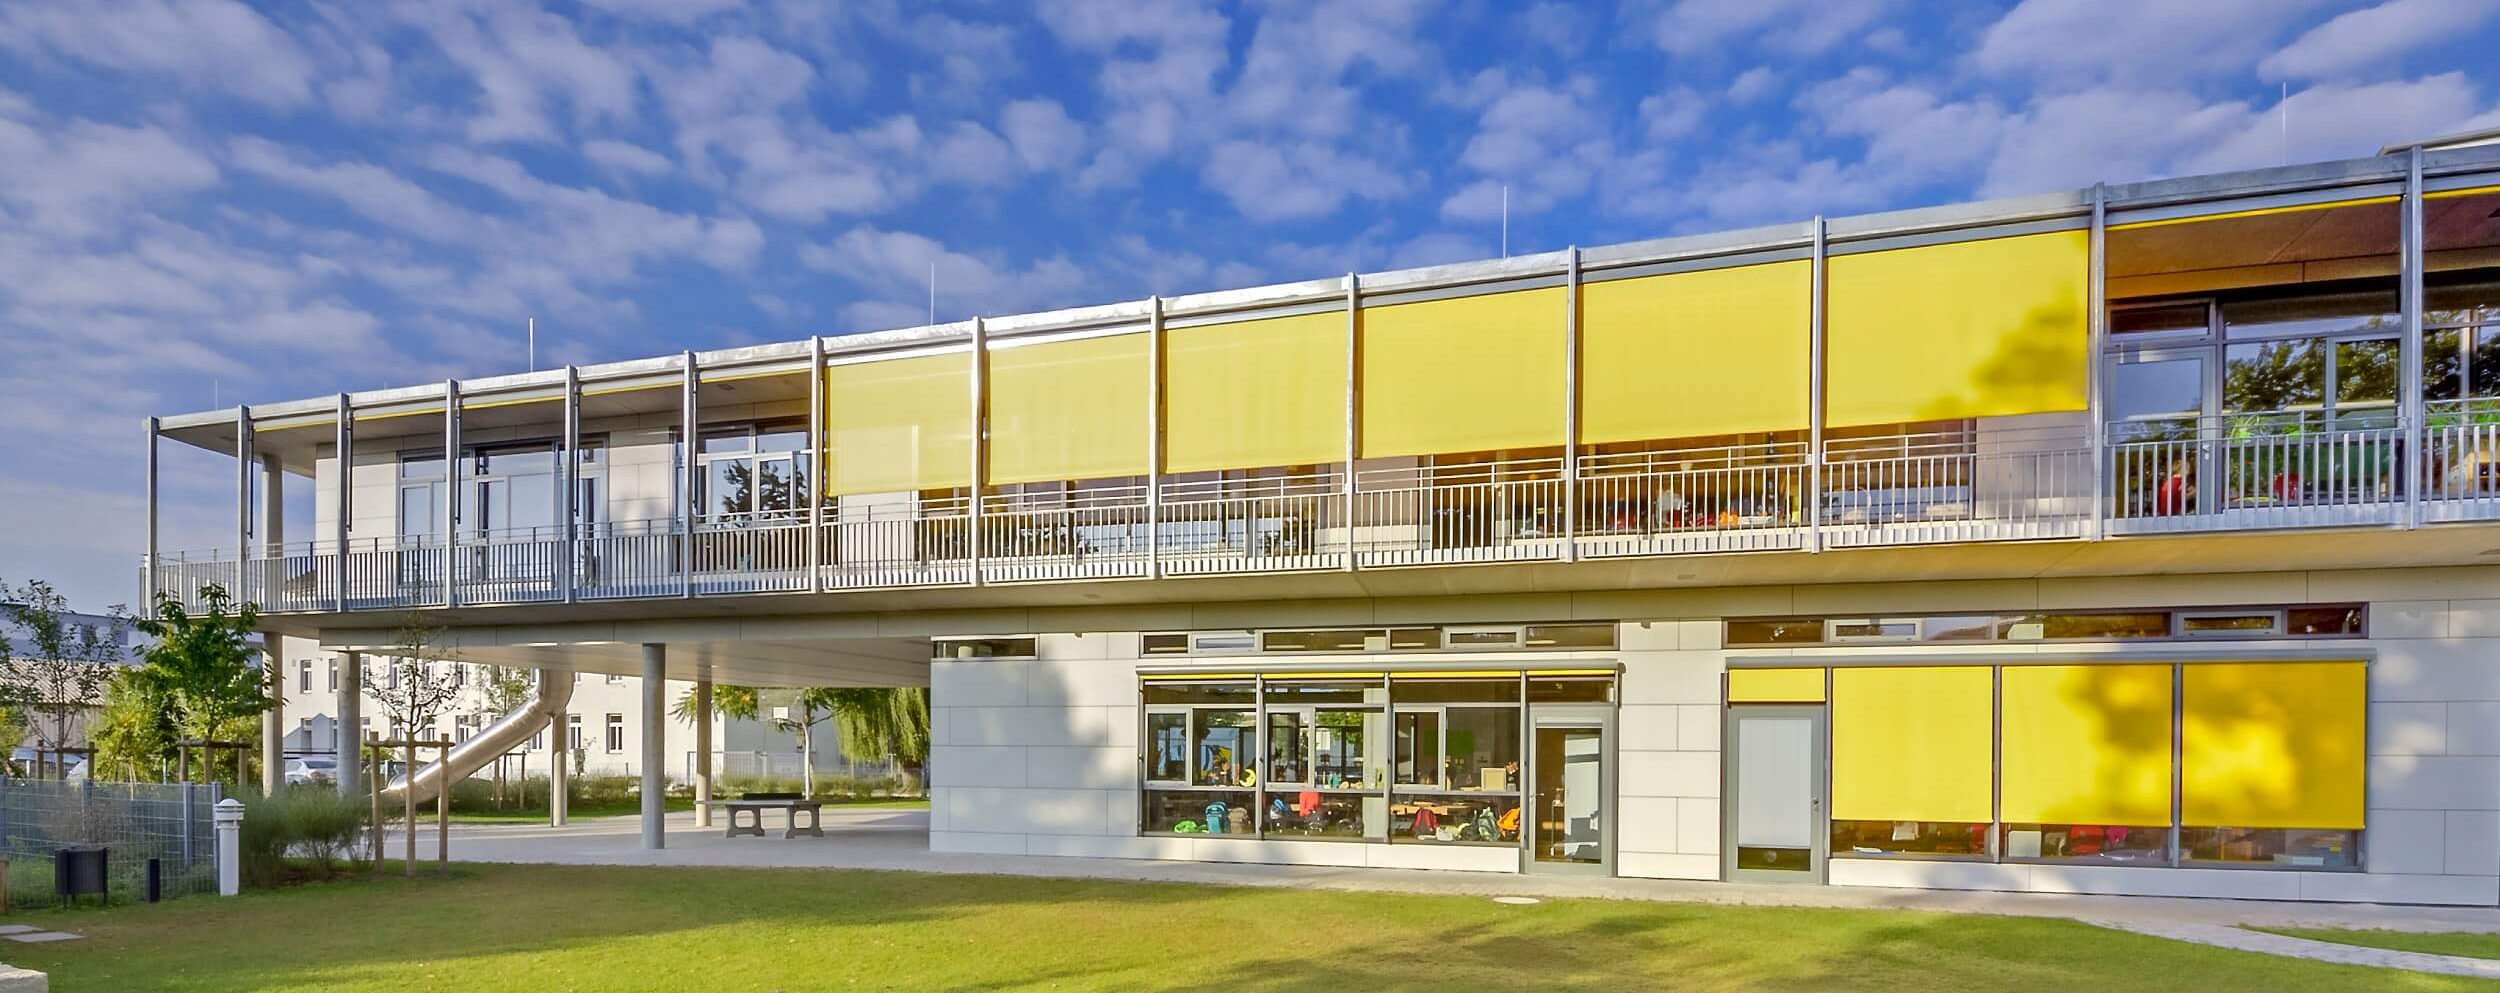 Ansicht des Neubaus und der Außenflächen